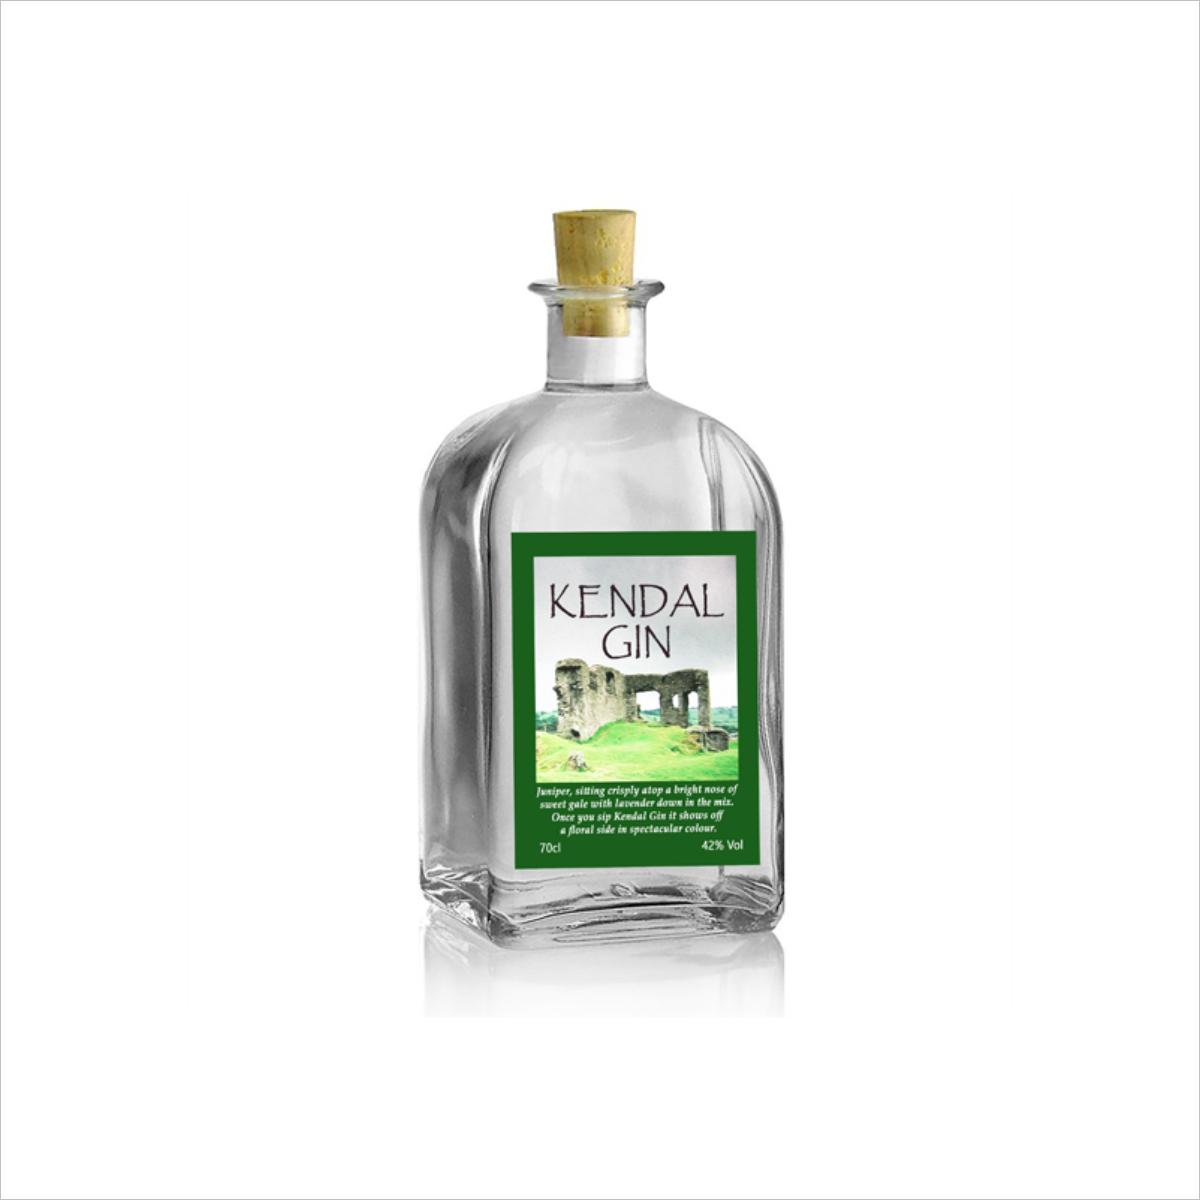 Kendal Gin